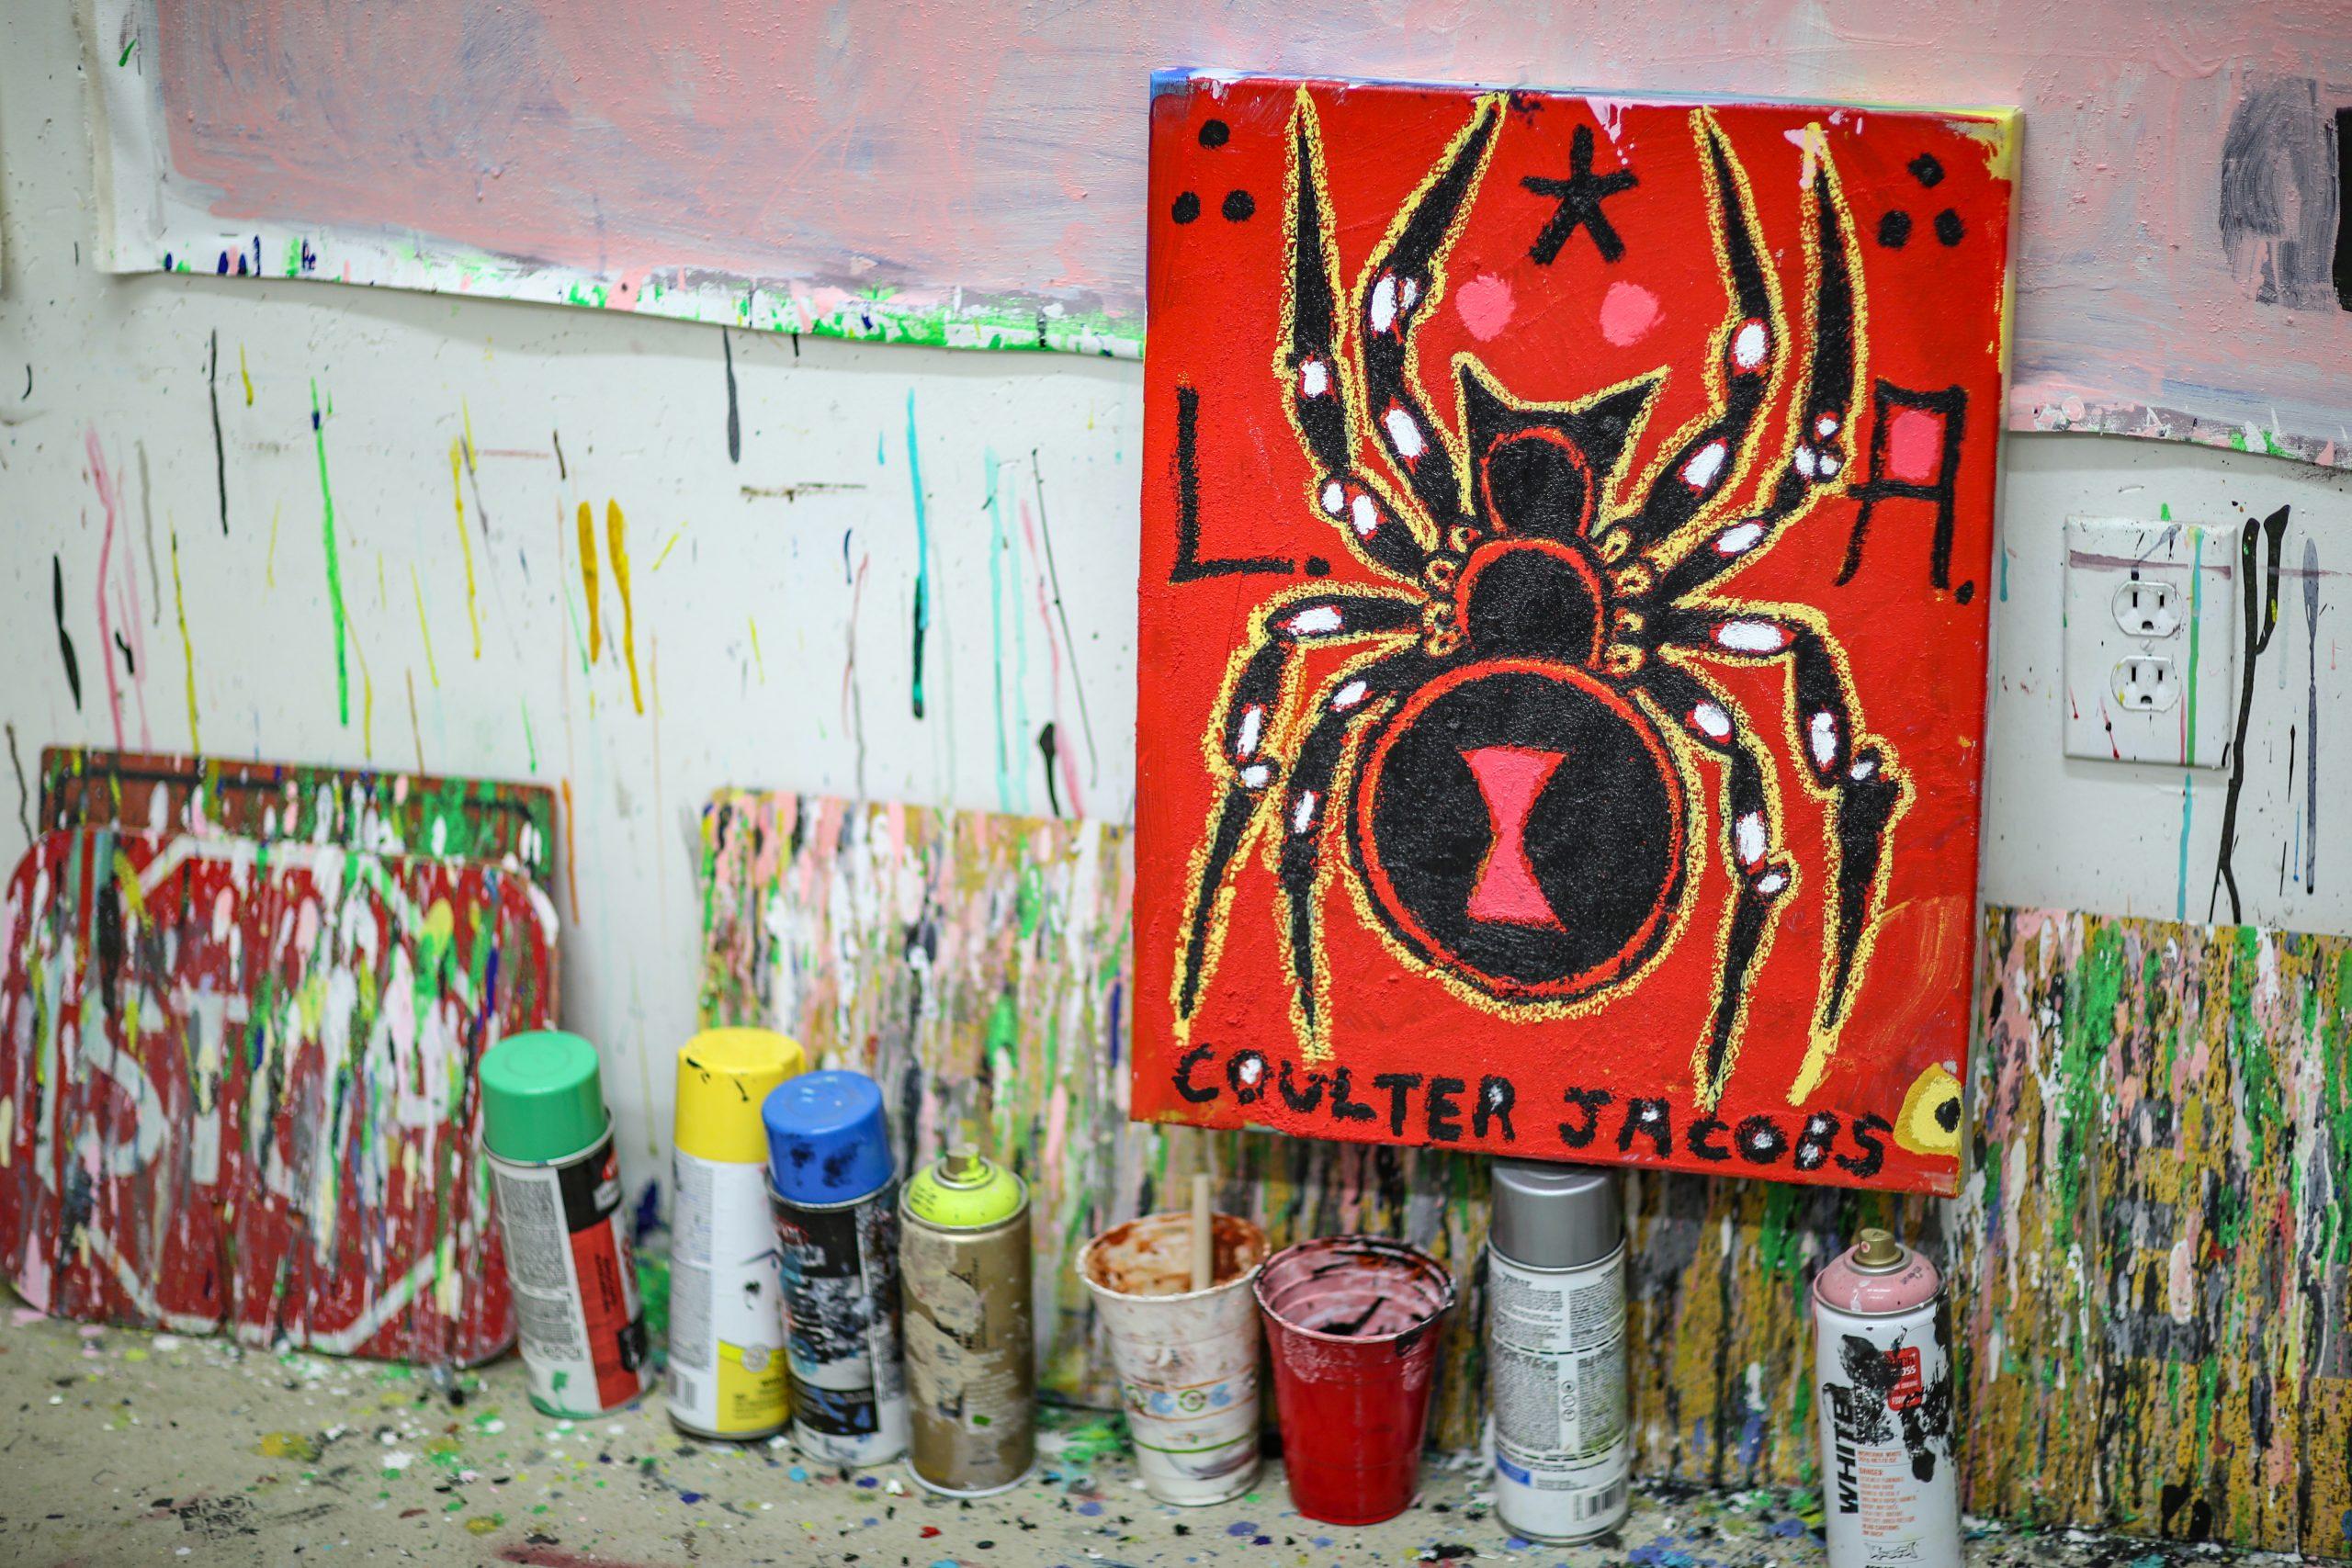 Coulter Jacobs studio artwork paint